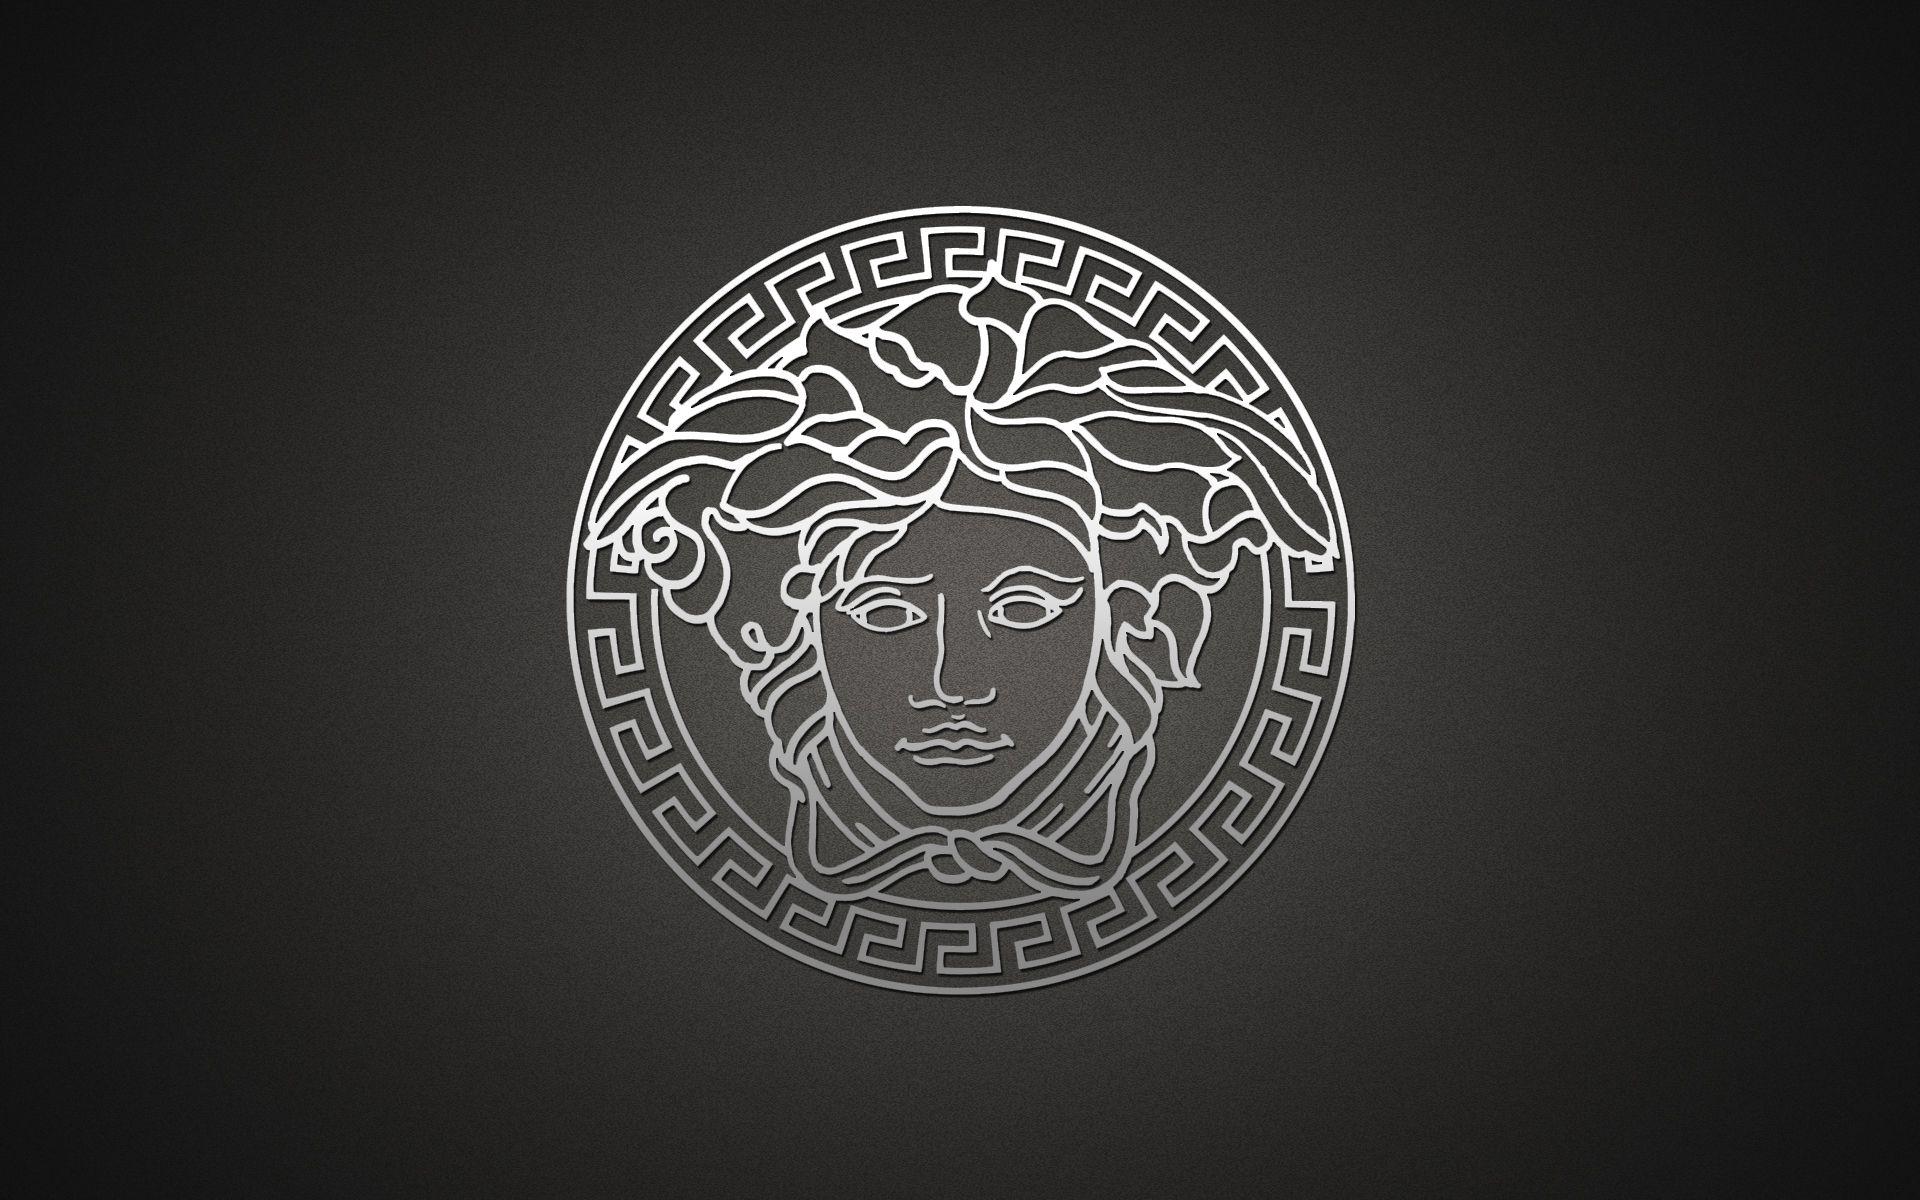 Off The Market Versace Wallpaper Versace Tattoo Versace Logo